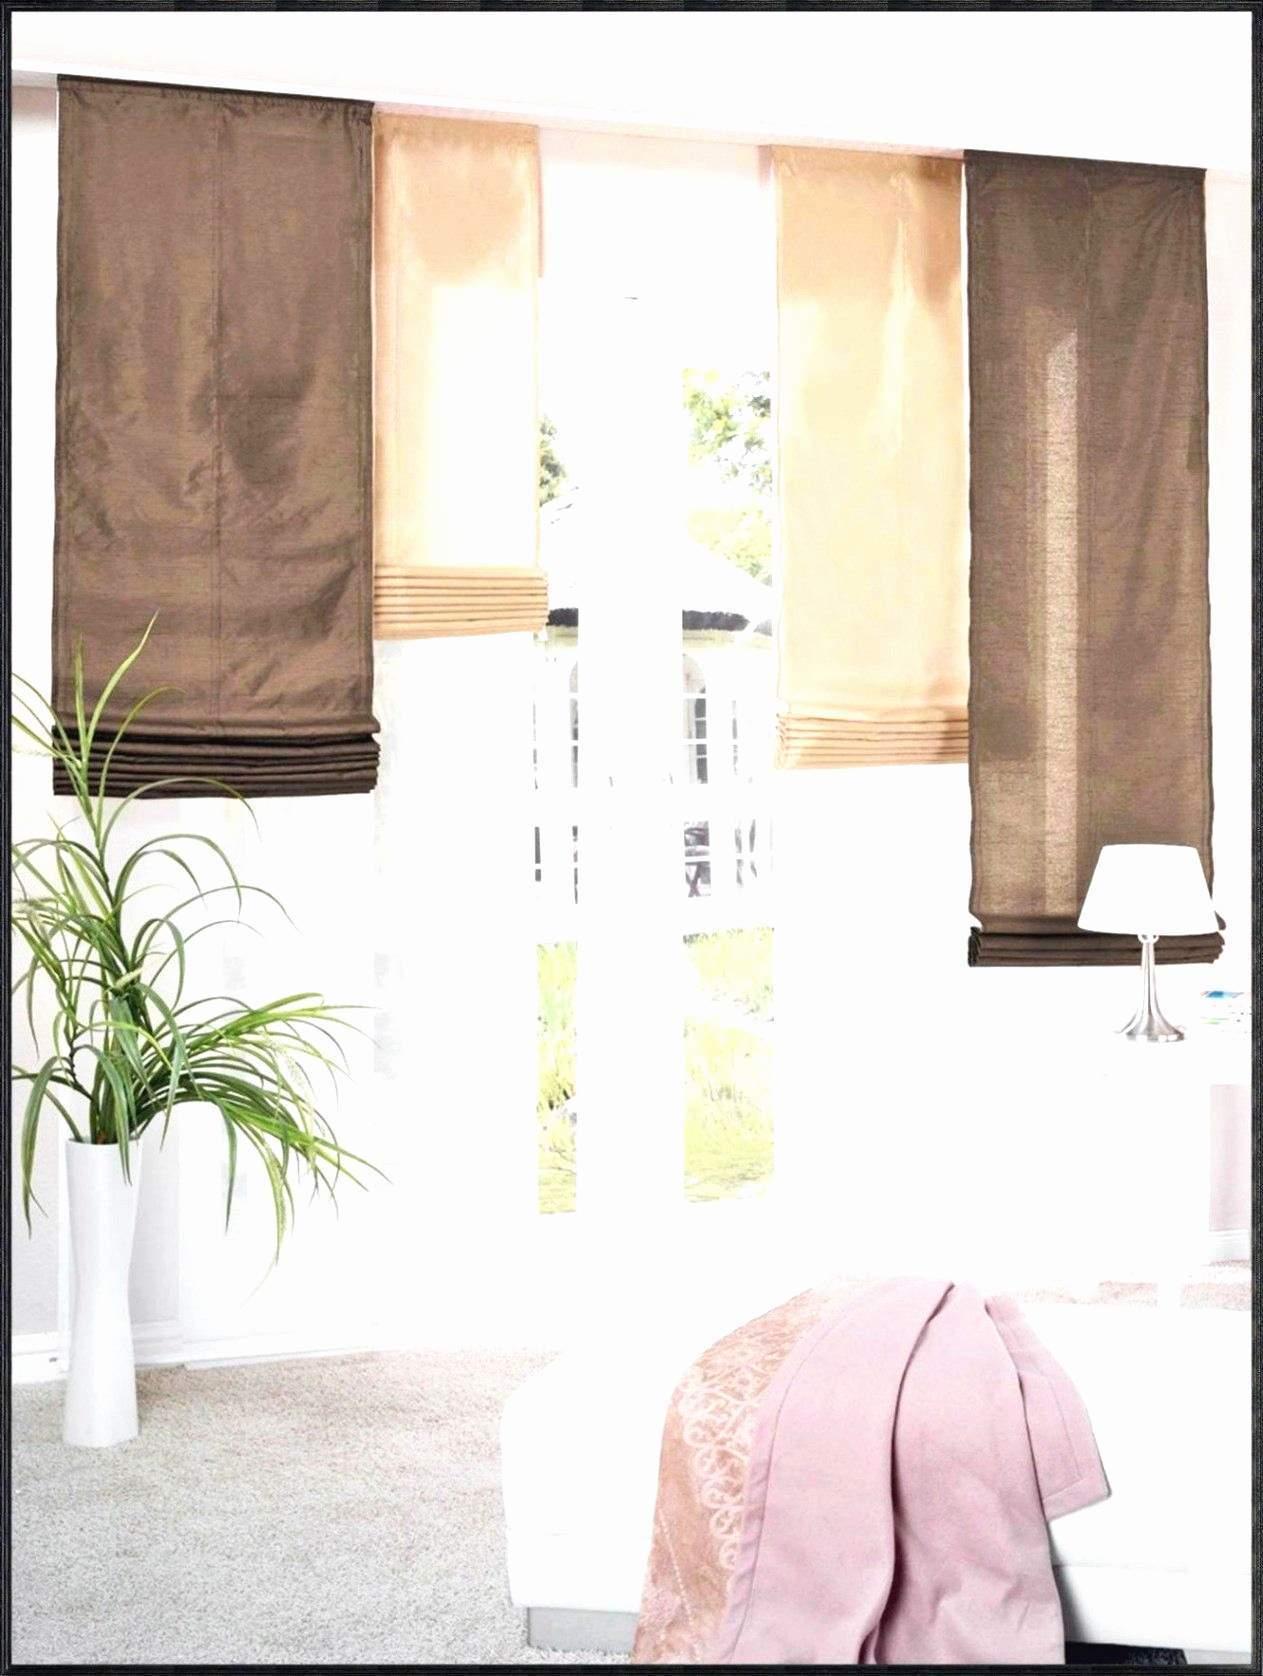 Full Size of Vorhänge Schlafzimmer Betten Ikea 160x200 Küche Kaufen Wohnzimmer Kosten Miniküche Modulküche Sofa Mit Schlaffunktion Bei Wohnzimmer Vorhänge Ikea